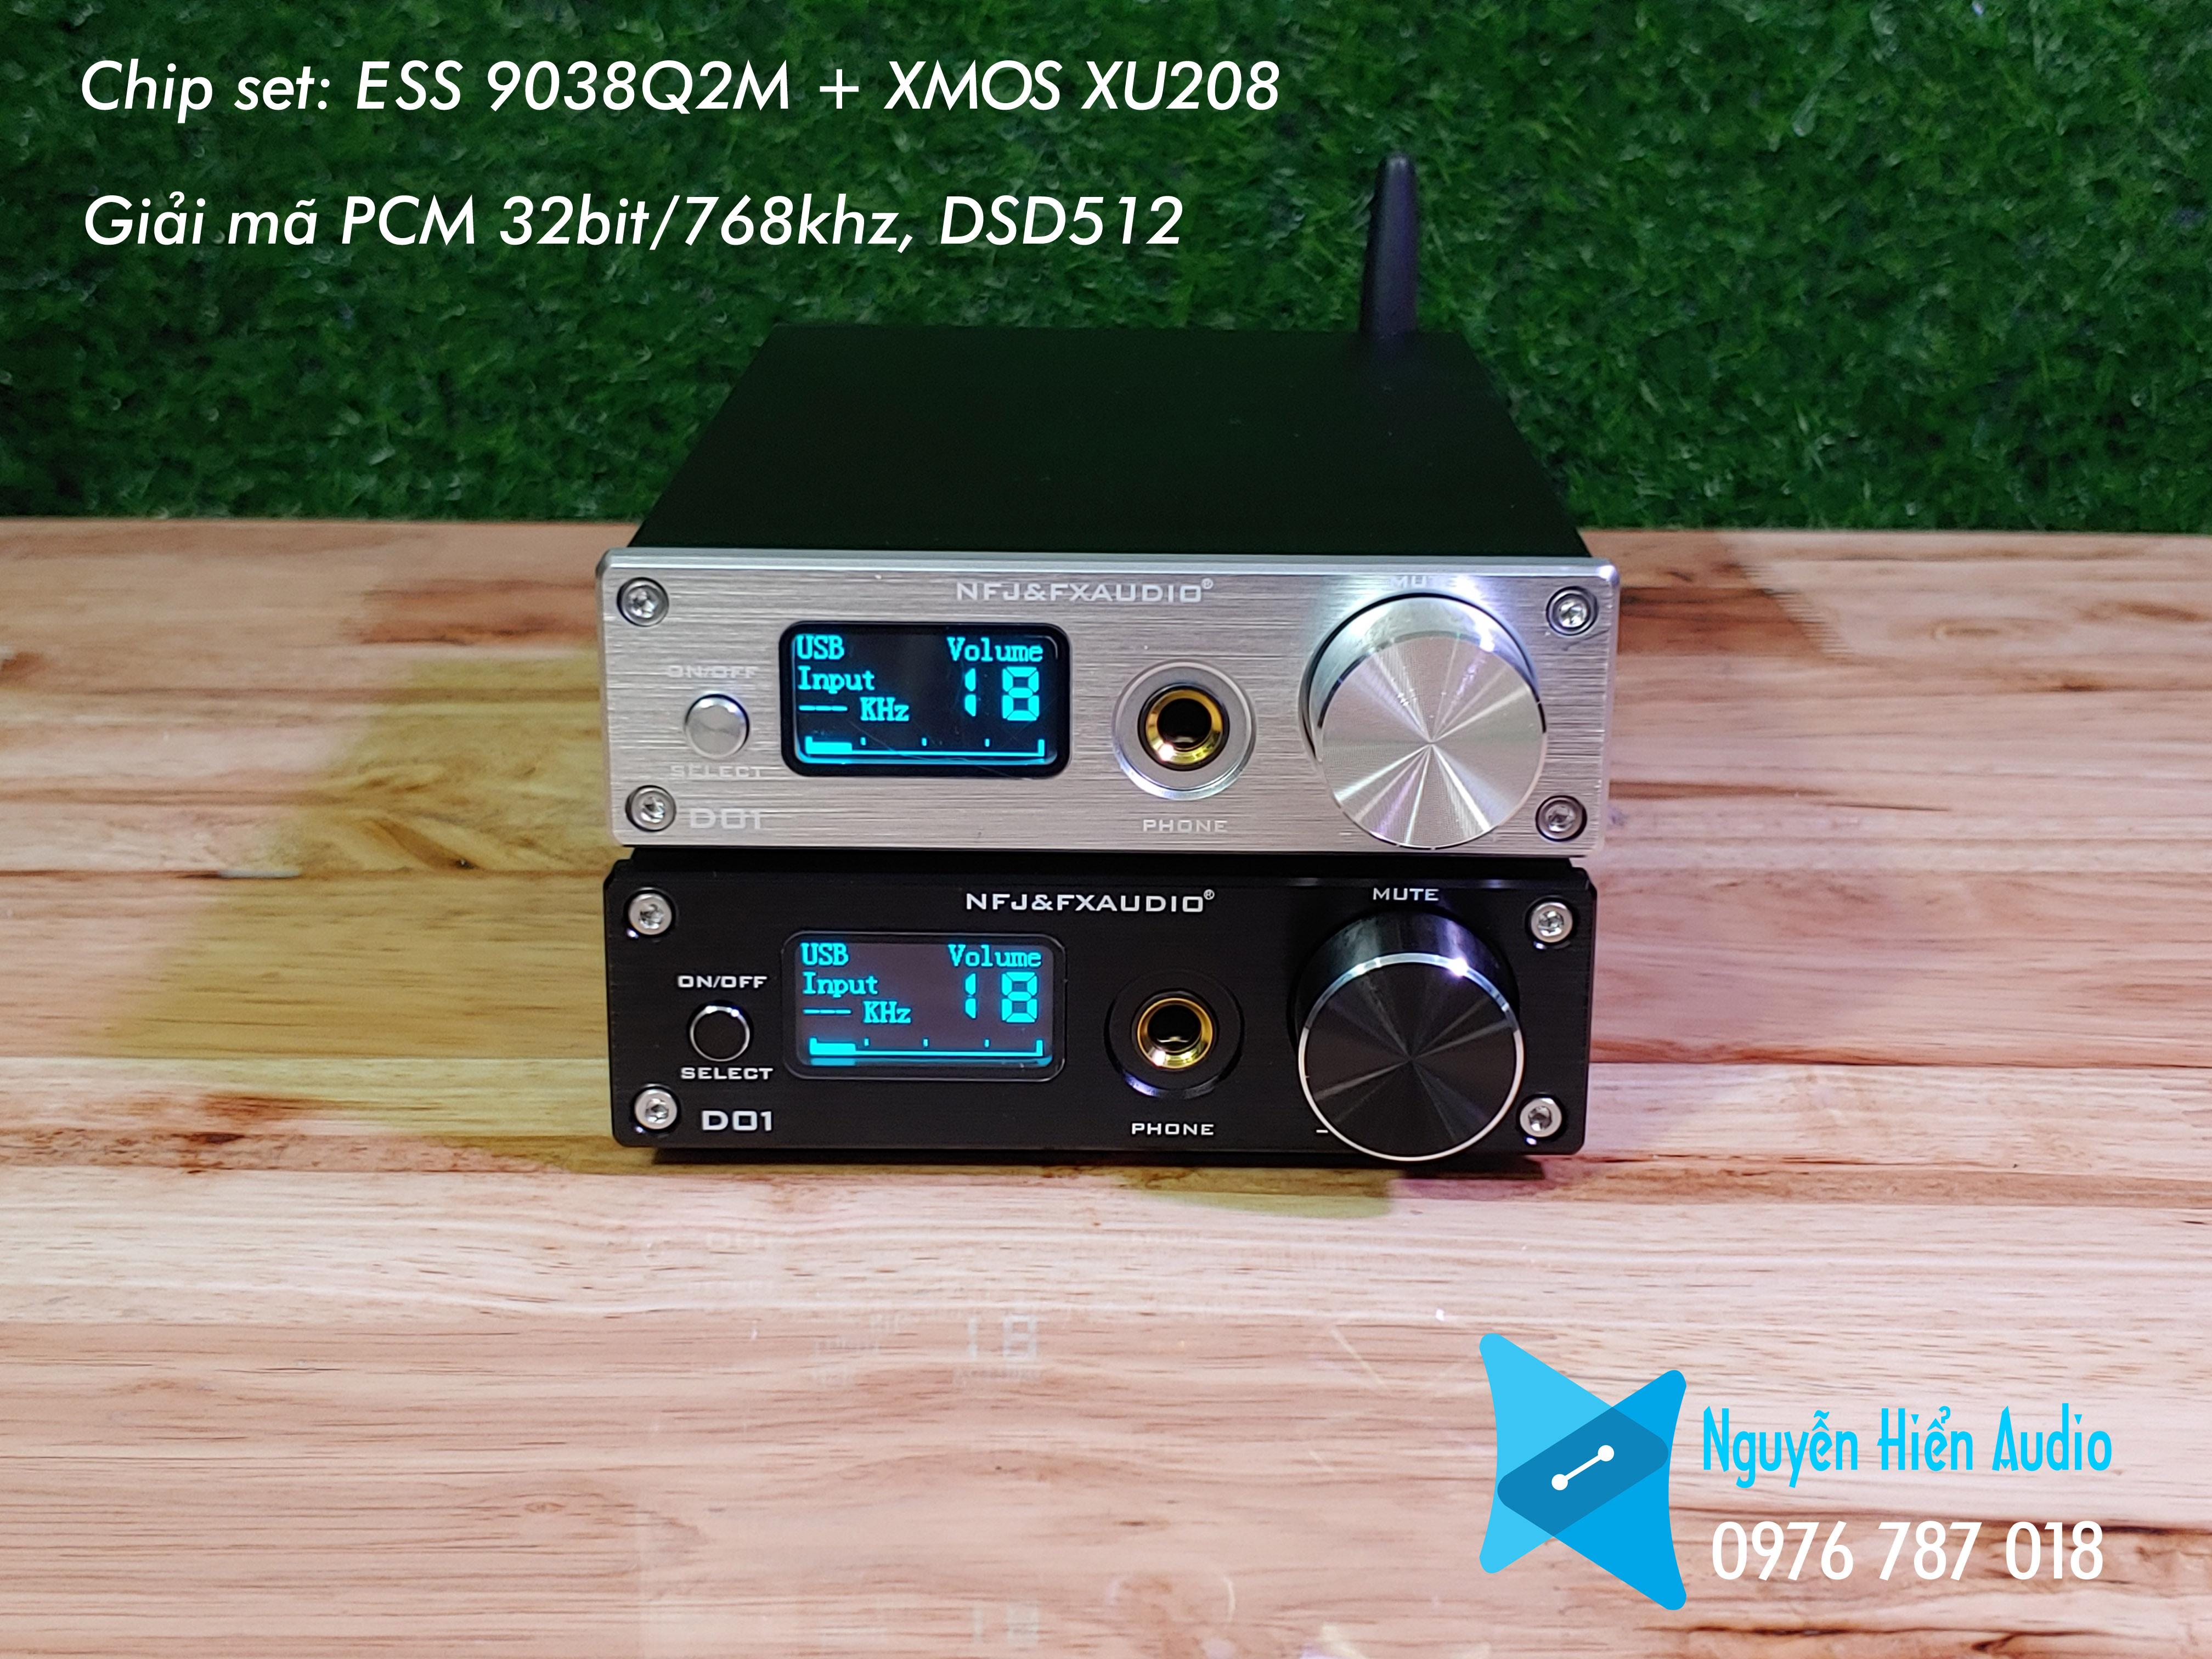 Bộ giải mã DAC FX audio D01 bản nâng cấp hoàn hảo của X7 mới nhất 2021